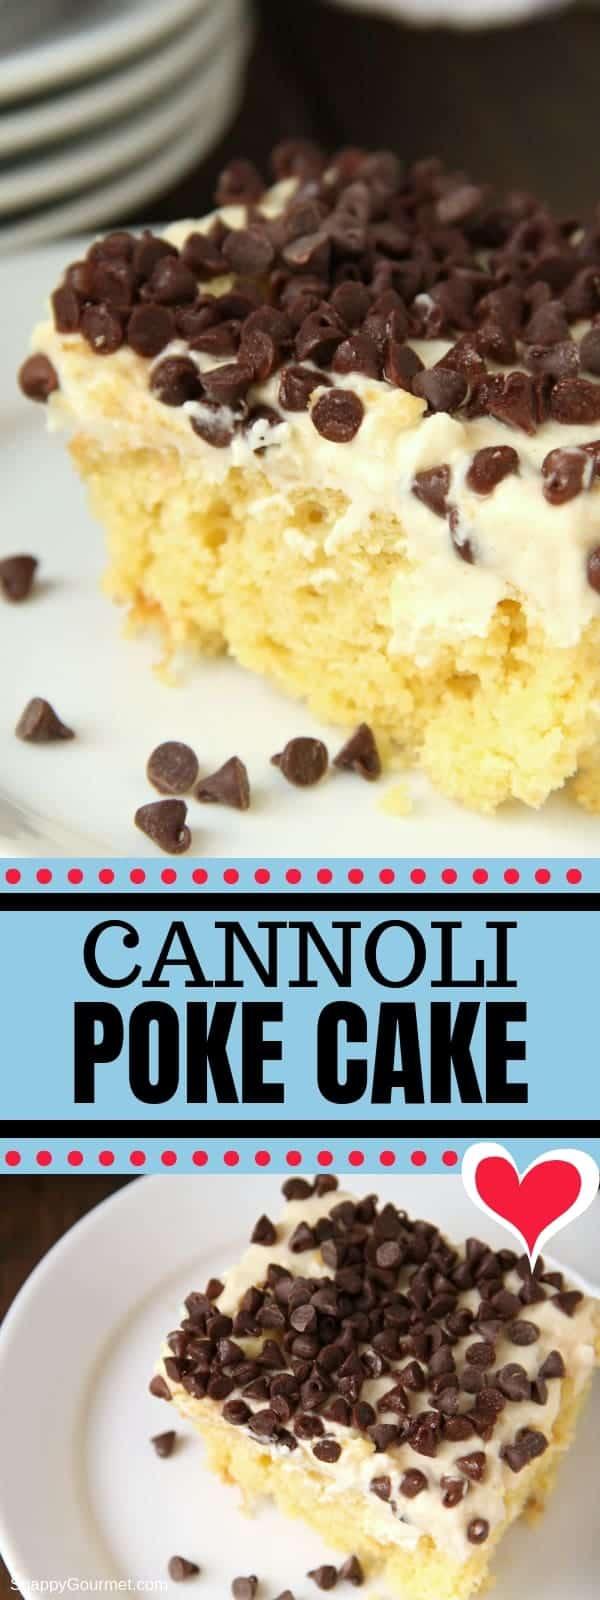 Cannoli Poke Cake photo collage